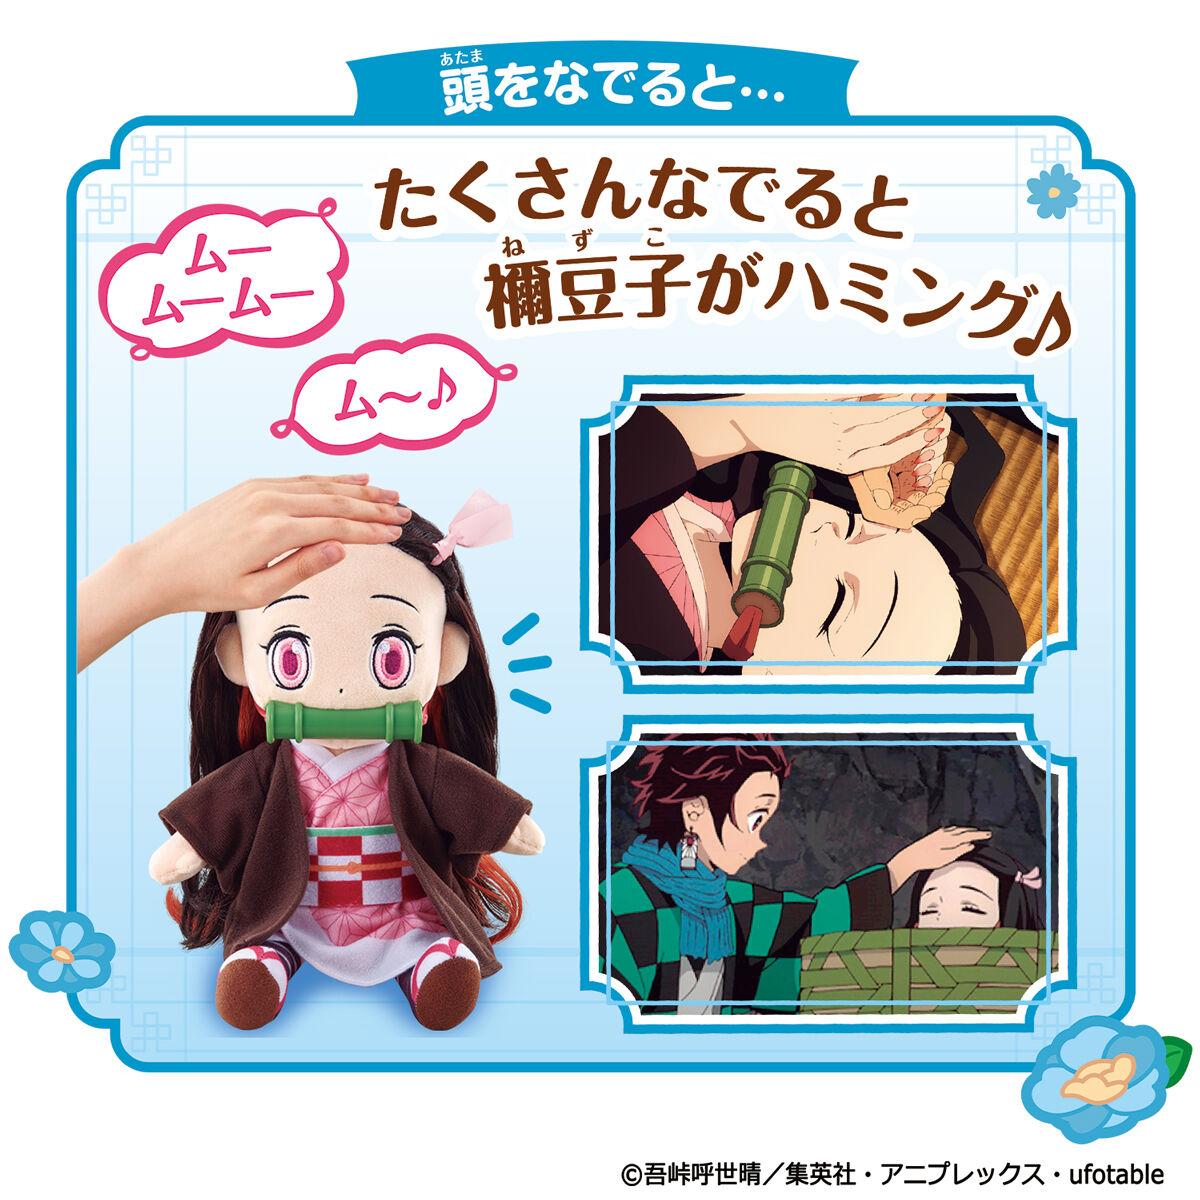 鬼滅の刃『ずっといっしょ おしゃべり禰豆子』ぬいぐるみ-005